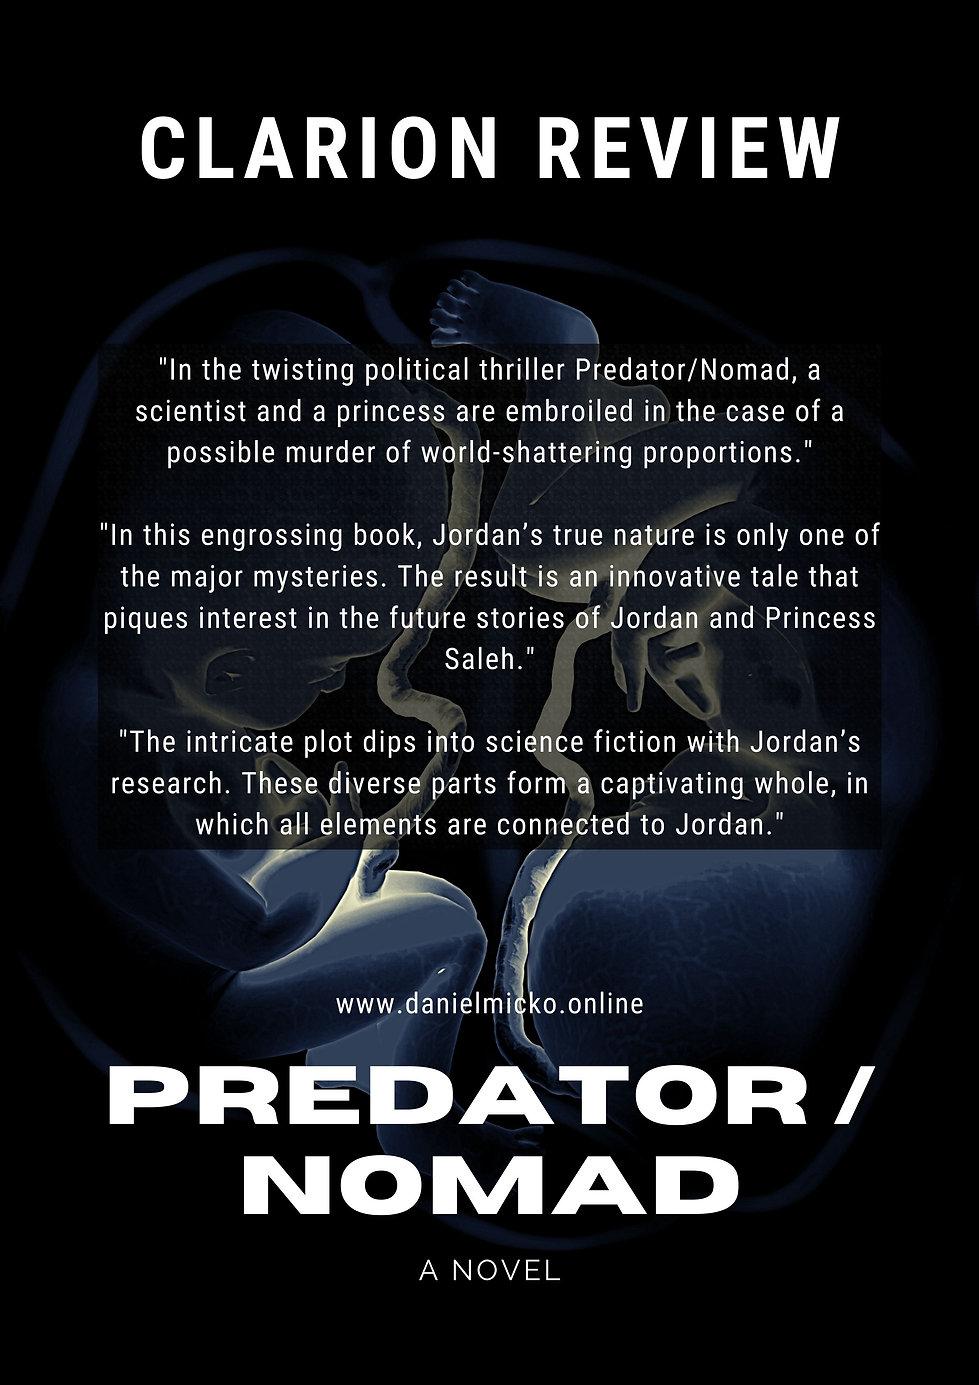 Predator / Nomad week 9